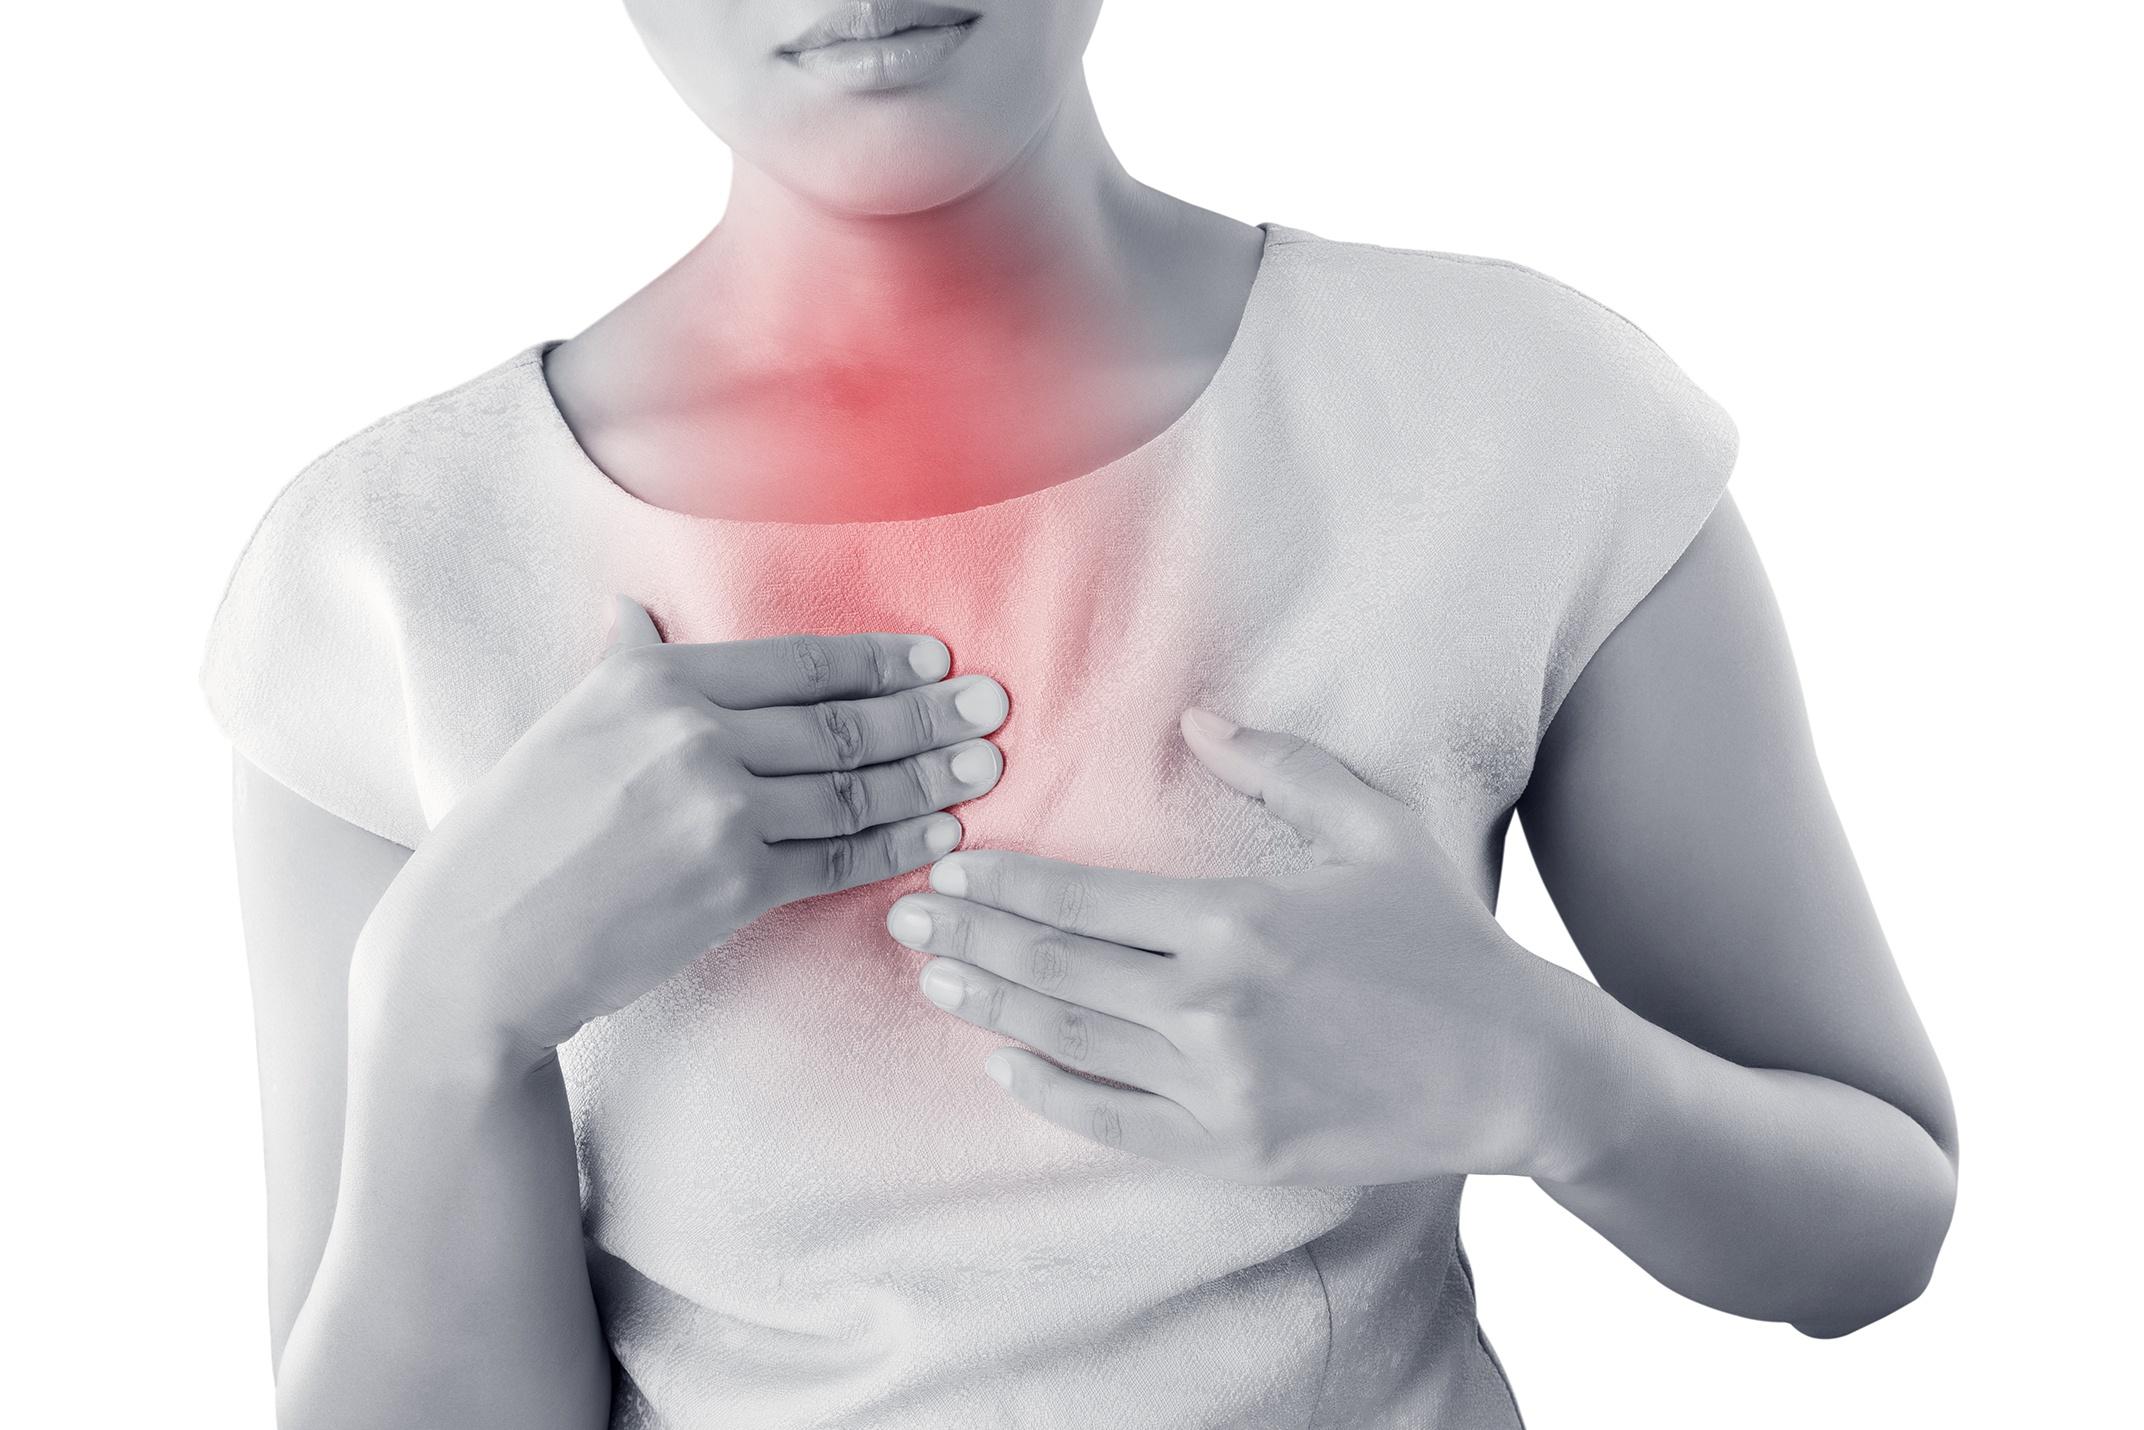 Combinação Omeprazol + Baclofeno (Liberação Prolongada) é mais Eficaz do que a Monoterapia com Omeprazol no tratamento da Doença do Refluxo Gastresofágico